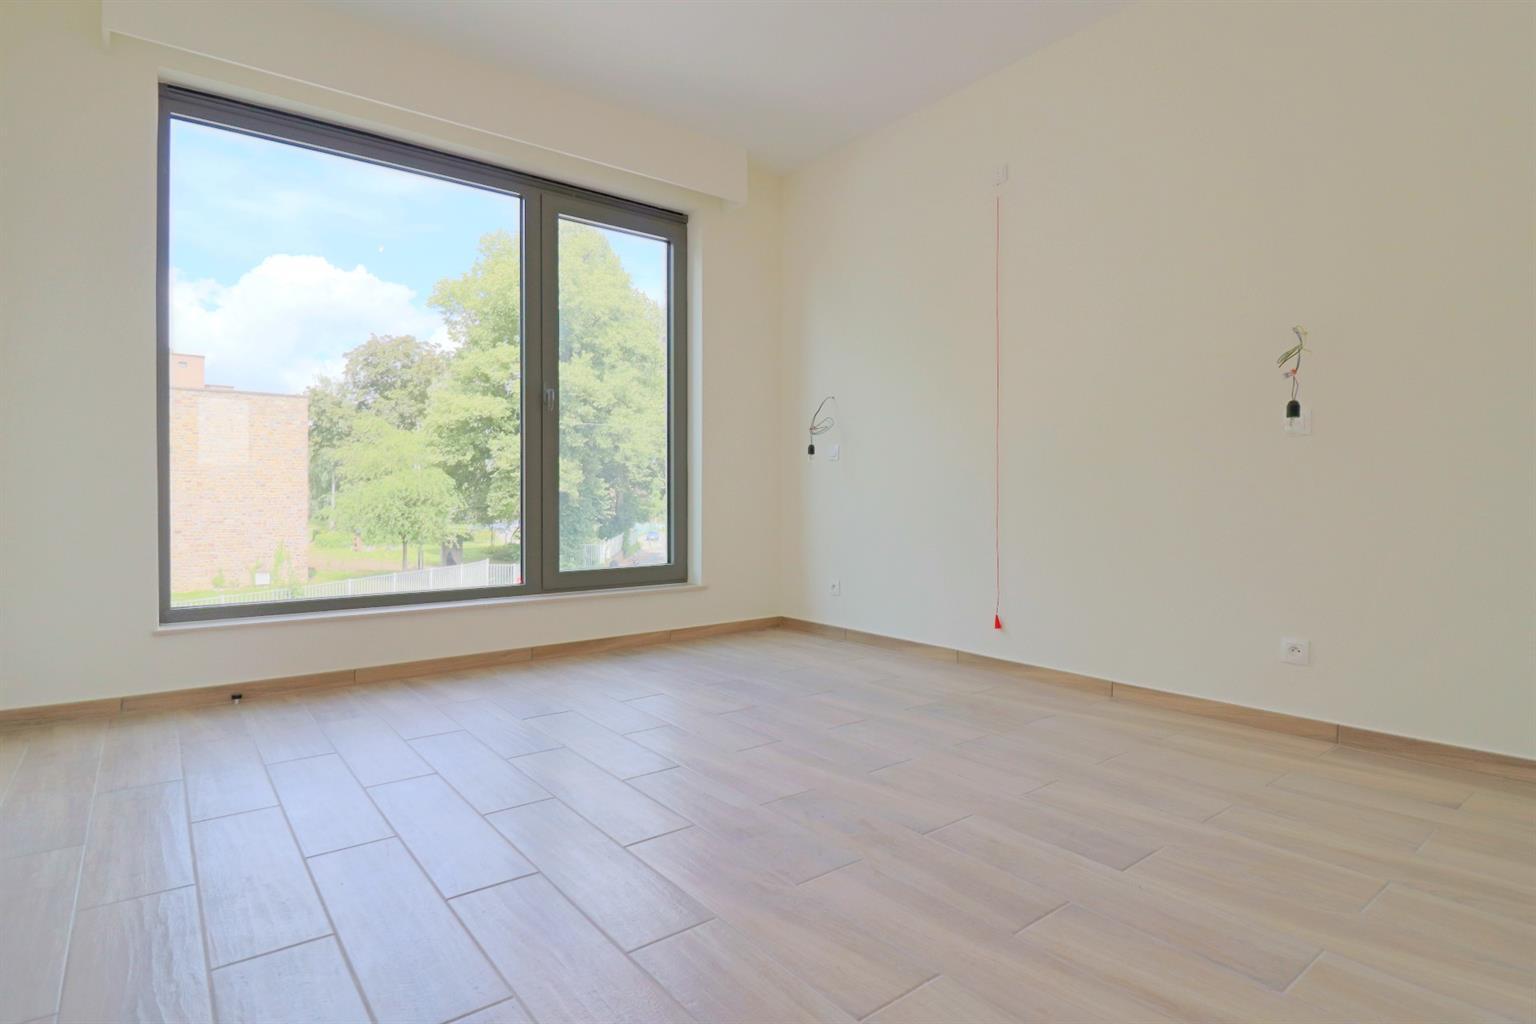 Appartement - Ottignies-Louvain-la-Neuve - #4406866-5